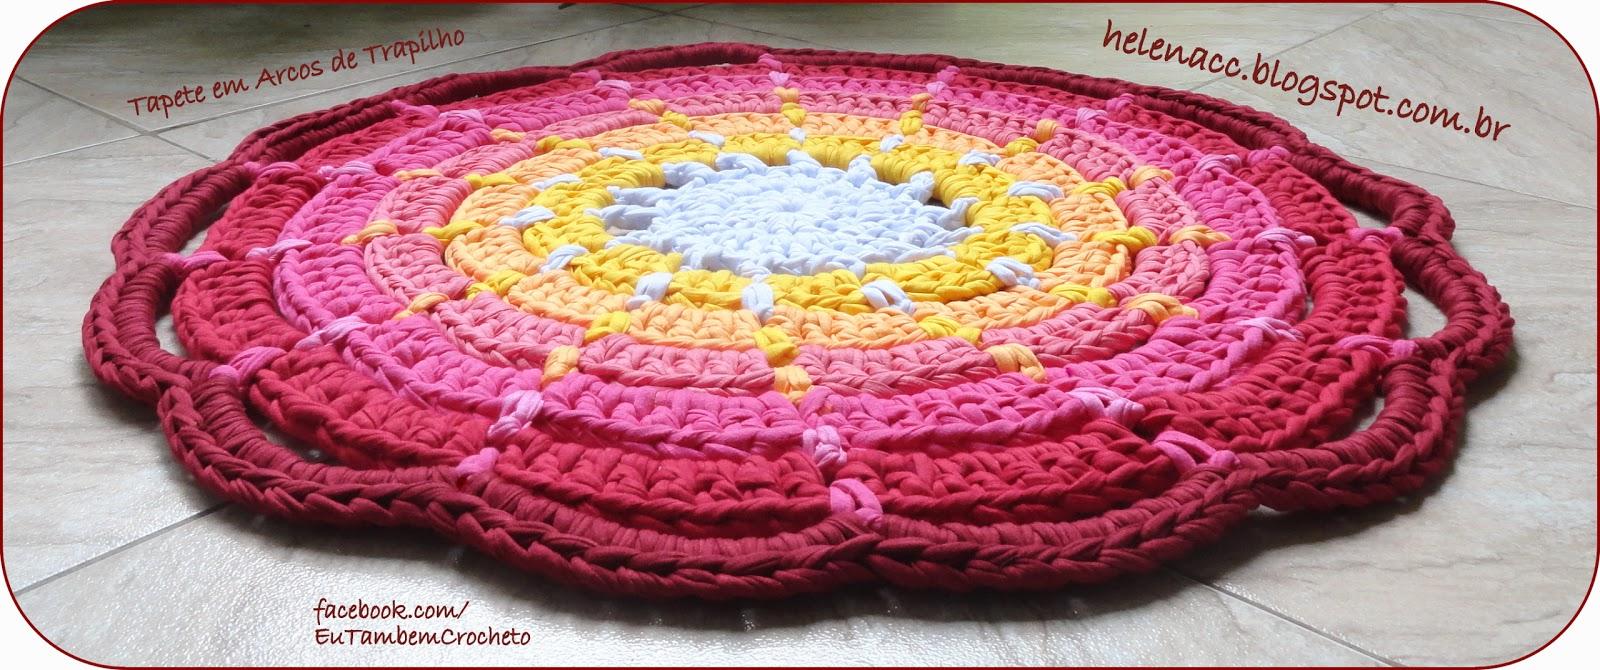 Вязание крючком круглых ковриков из тряпок